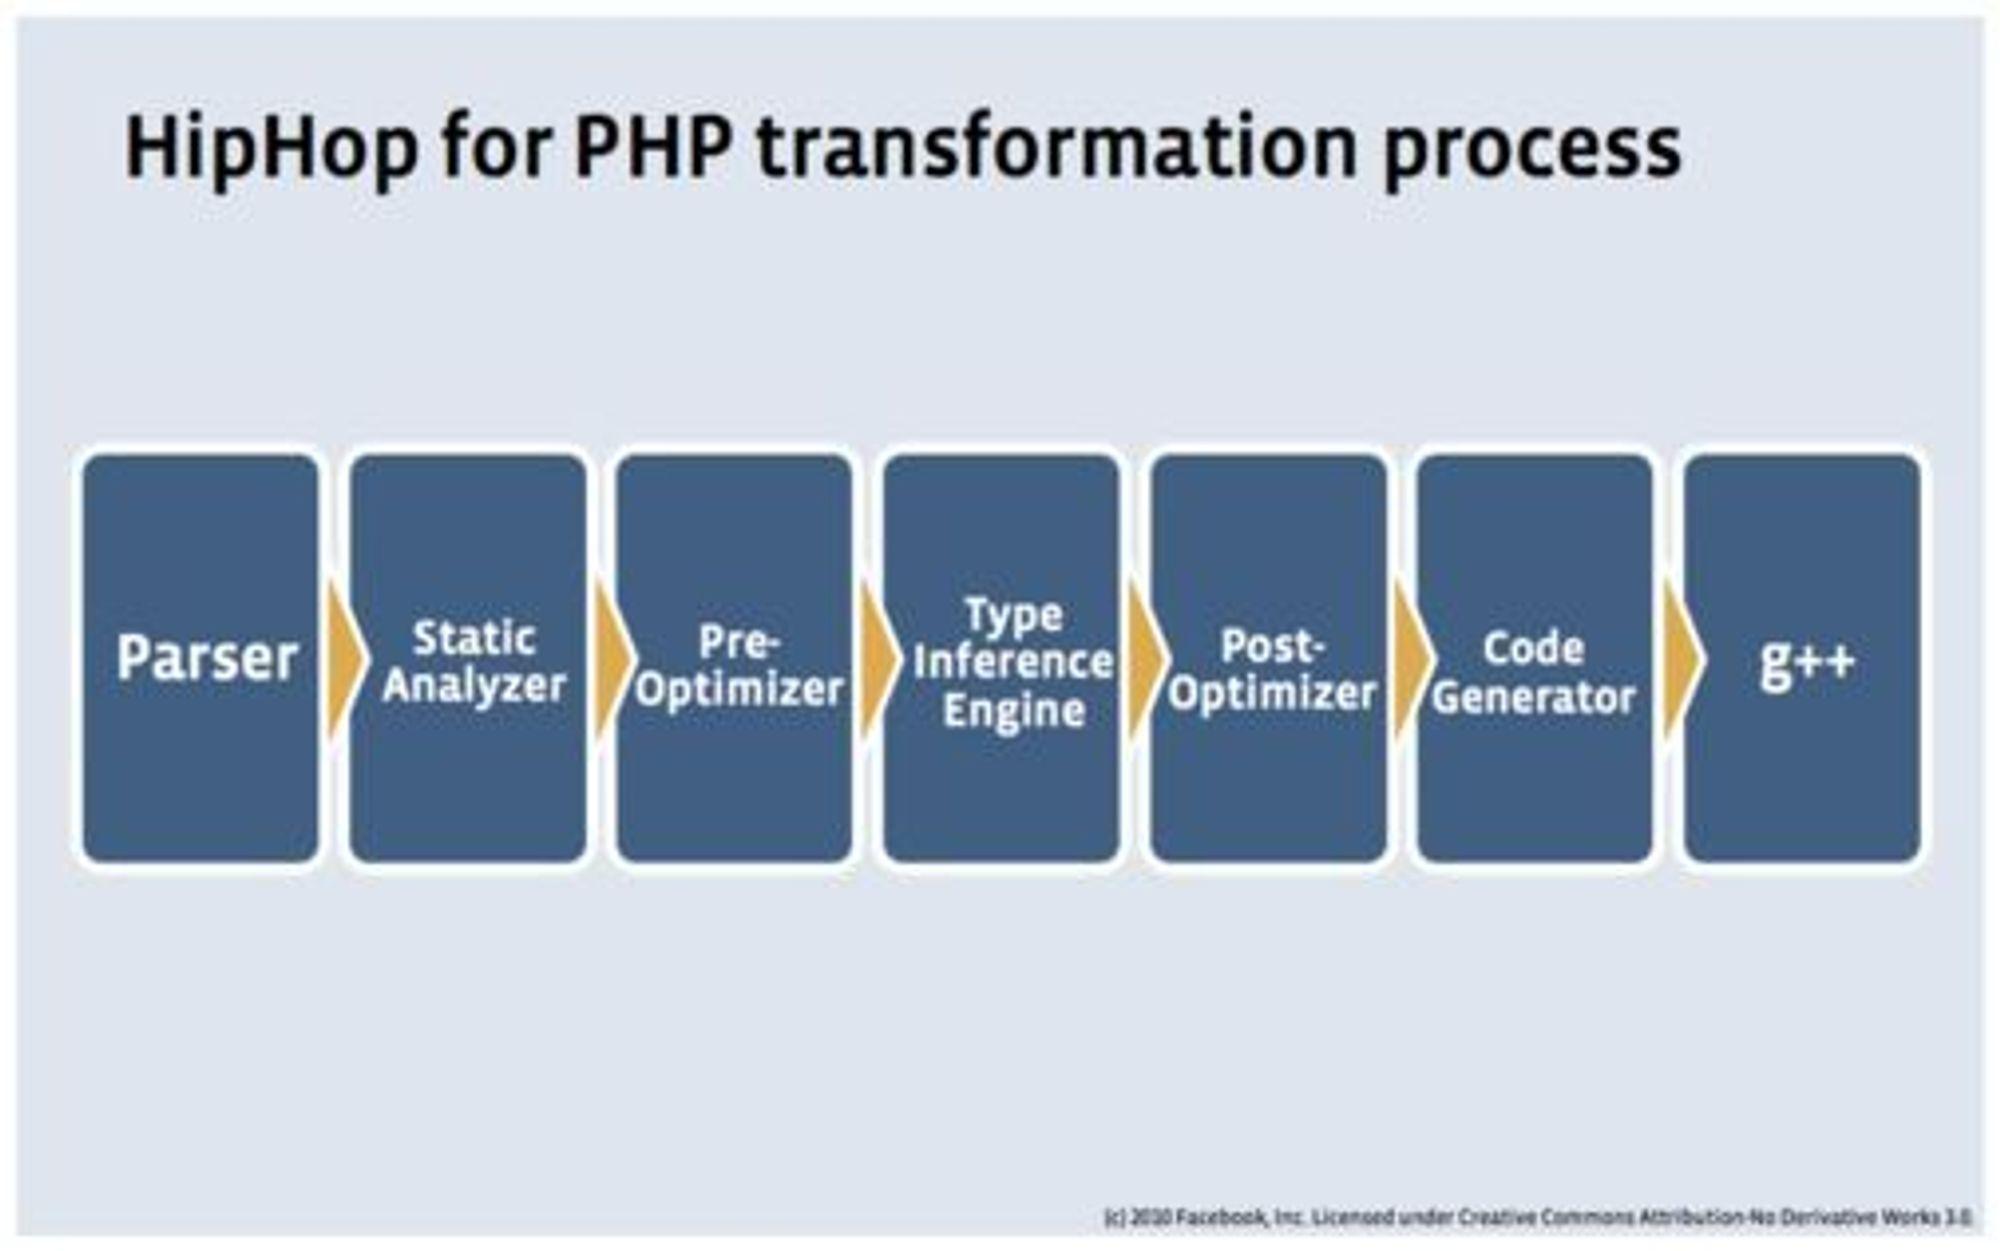 Transformeringsprosessen som utføres av Facebooks HipHop for PHP.